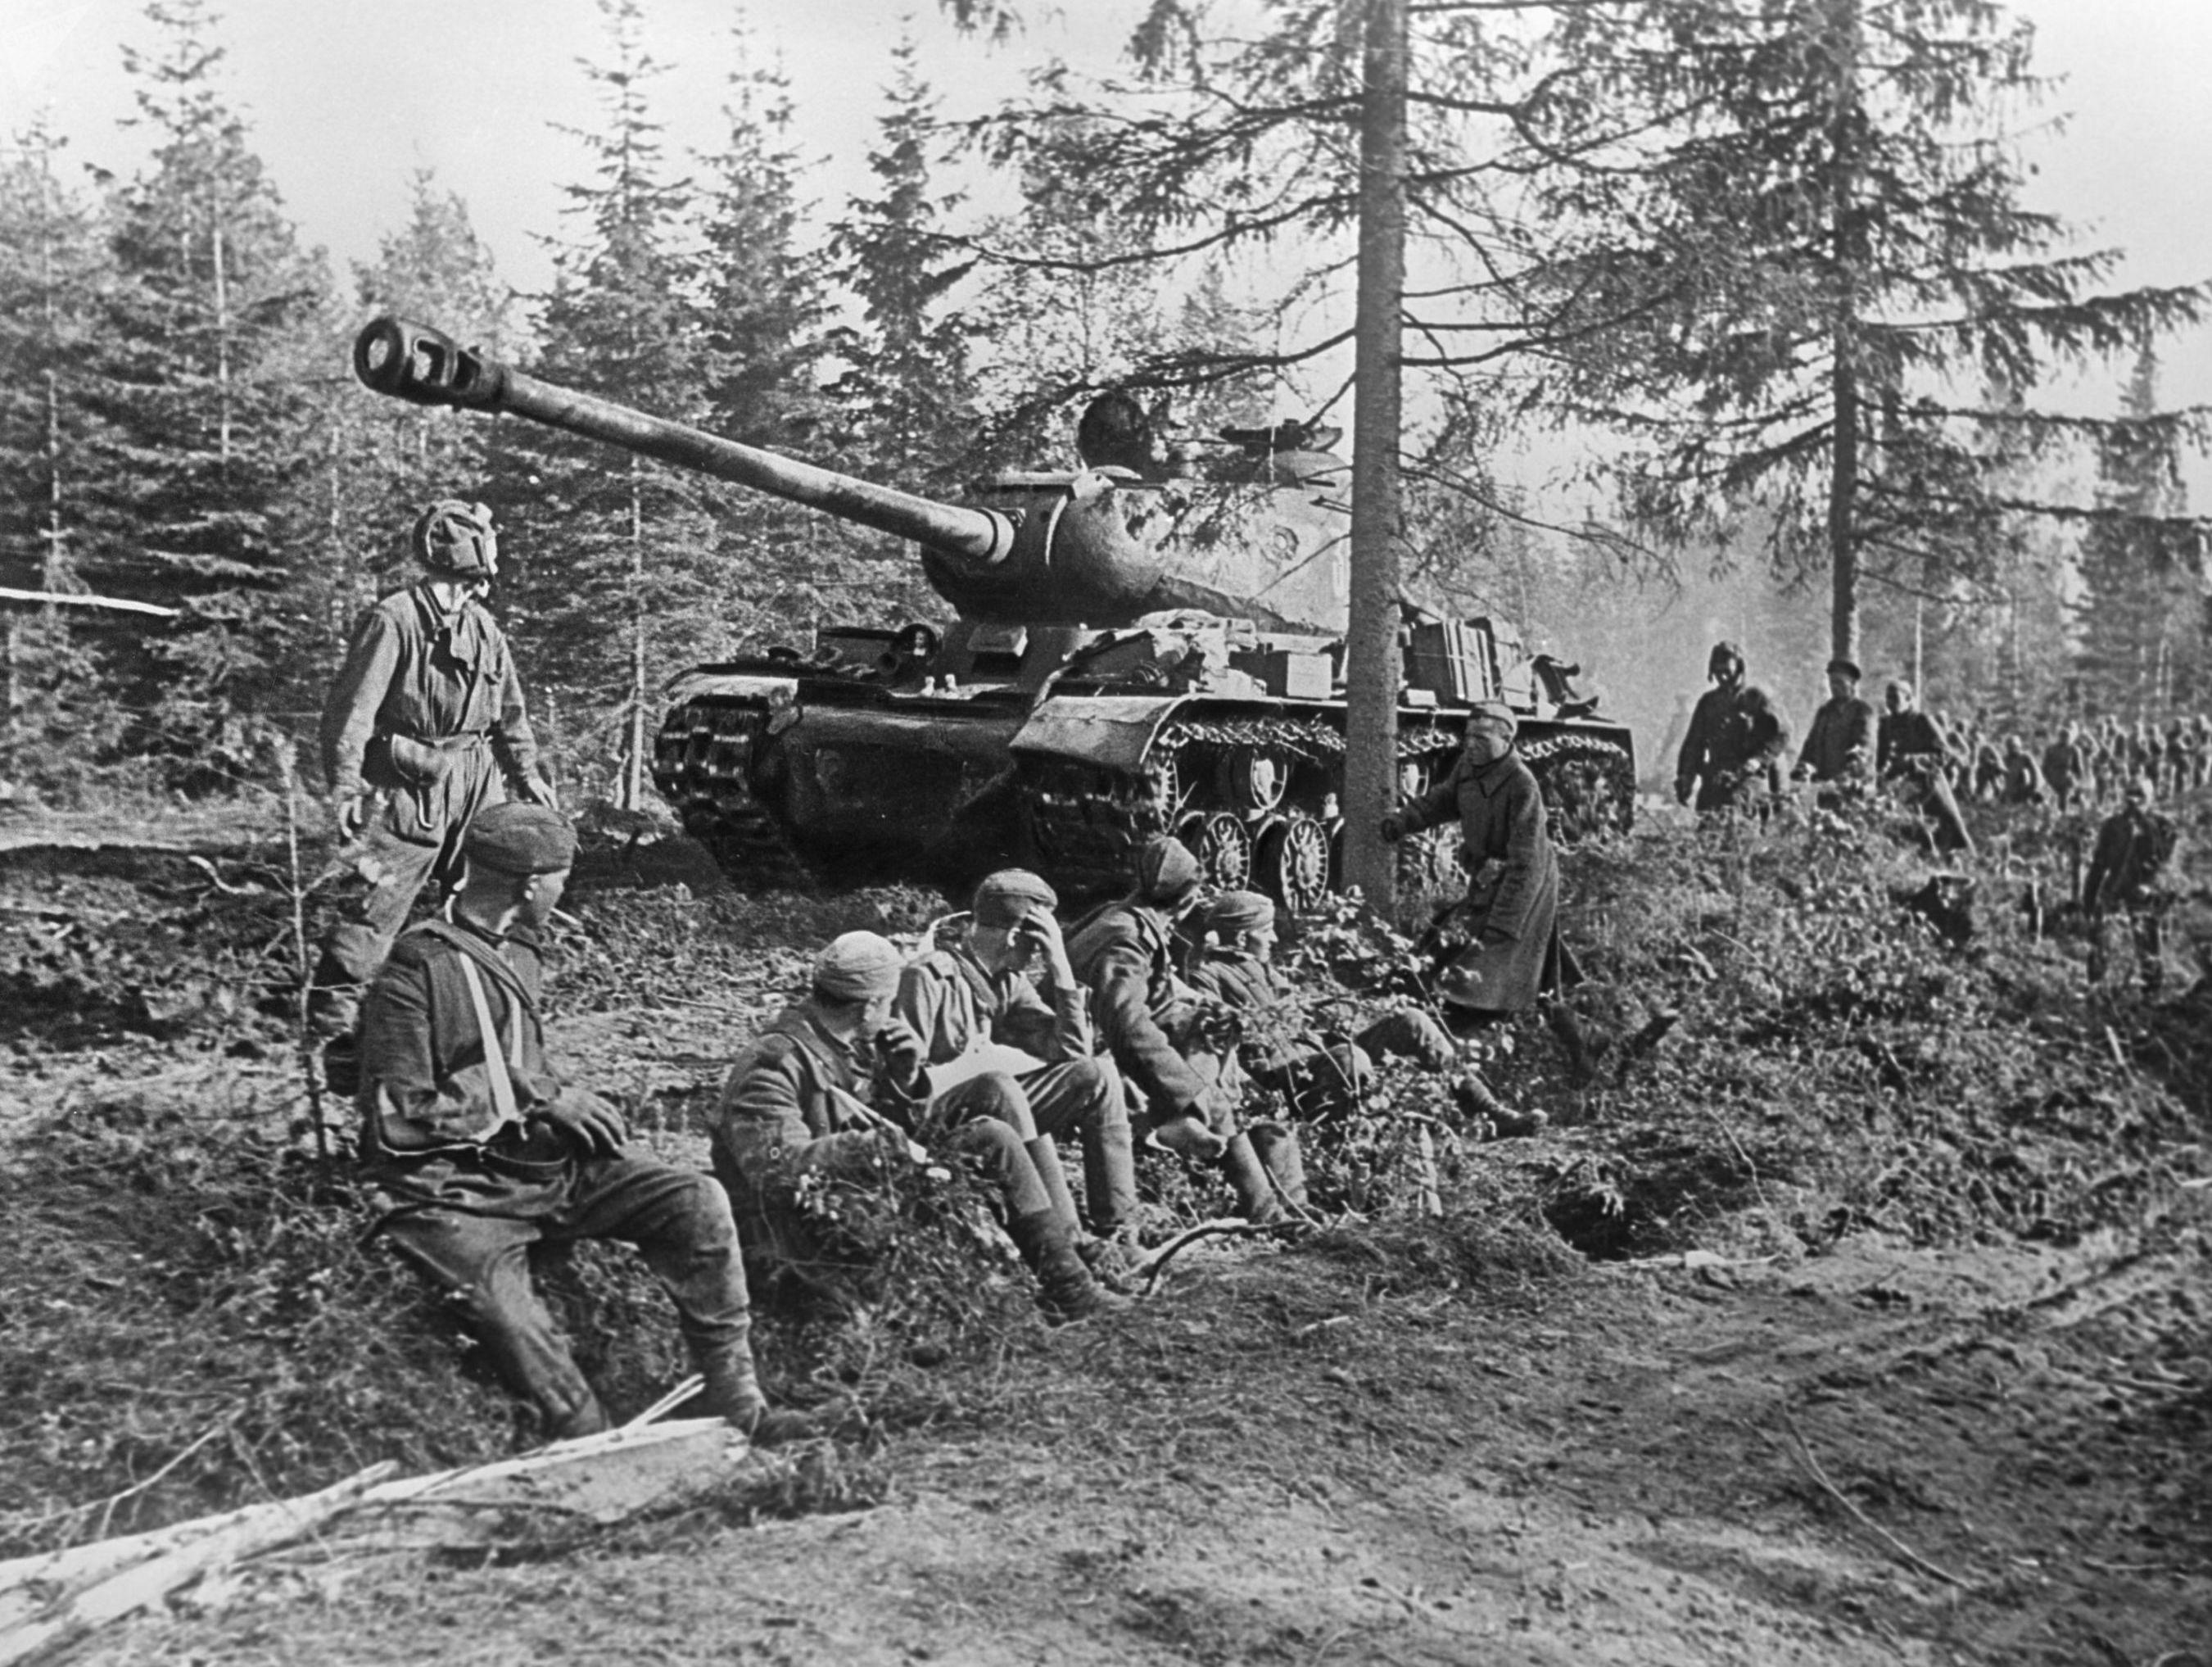 Tanque IS-2, em 9 de junho de 1944 (foto de arquivo)